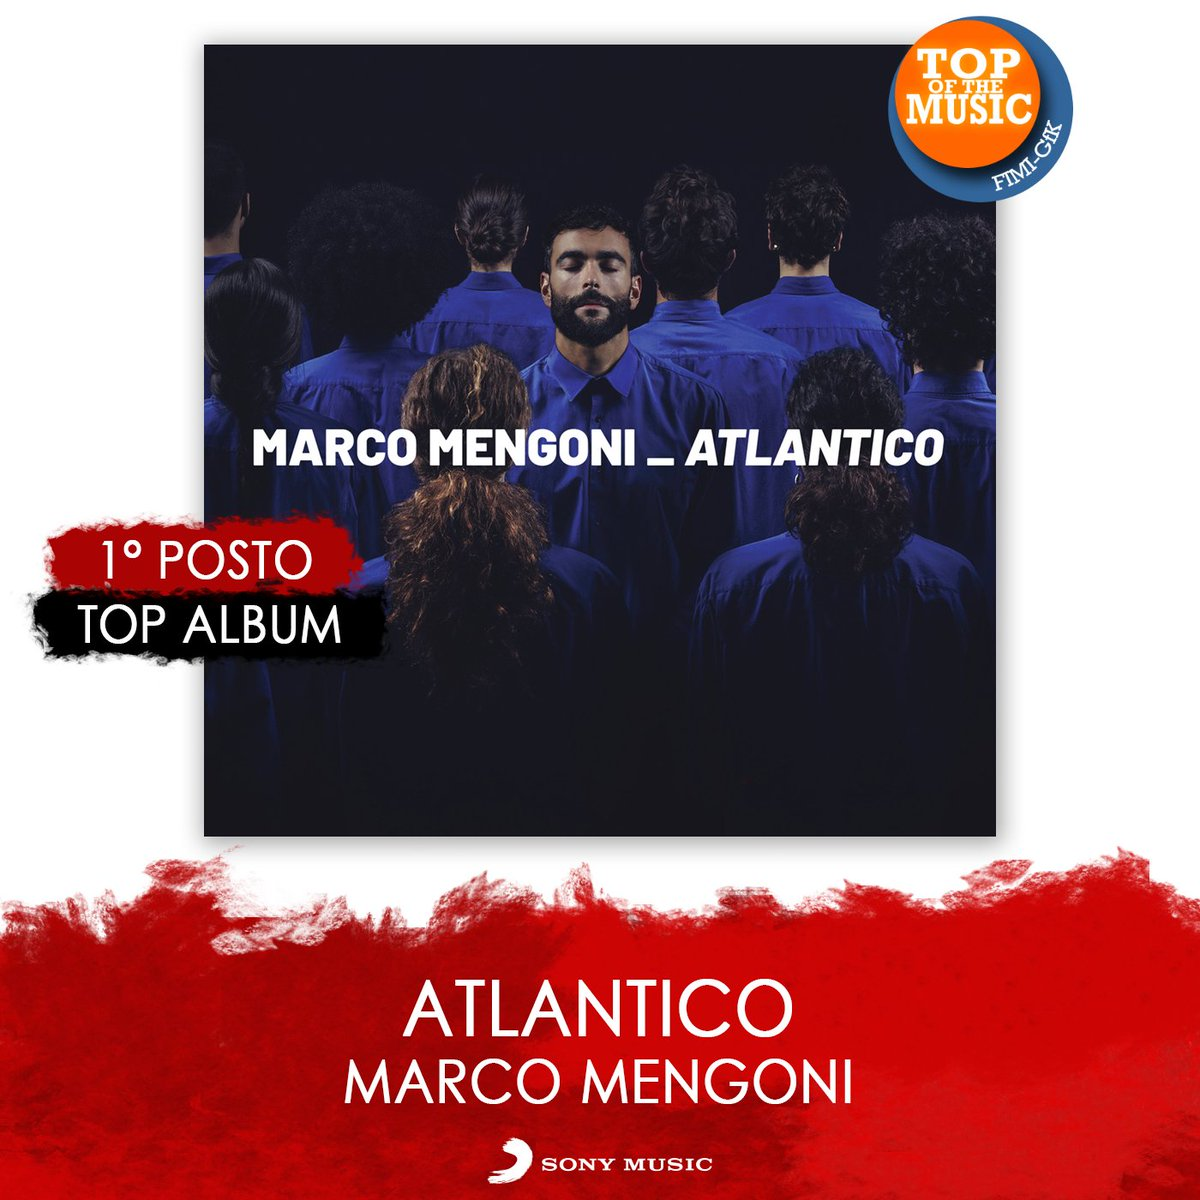 #Atlantico di @mengonimarco è ancora una volta al primo posto della classifica degli album più venduti 👏🥇